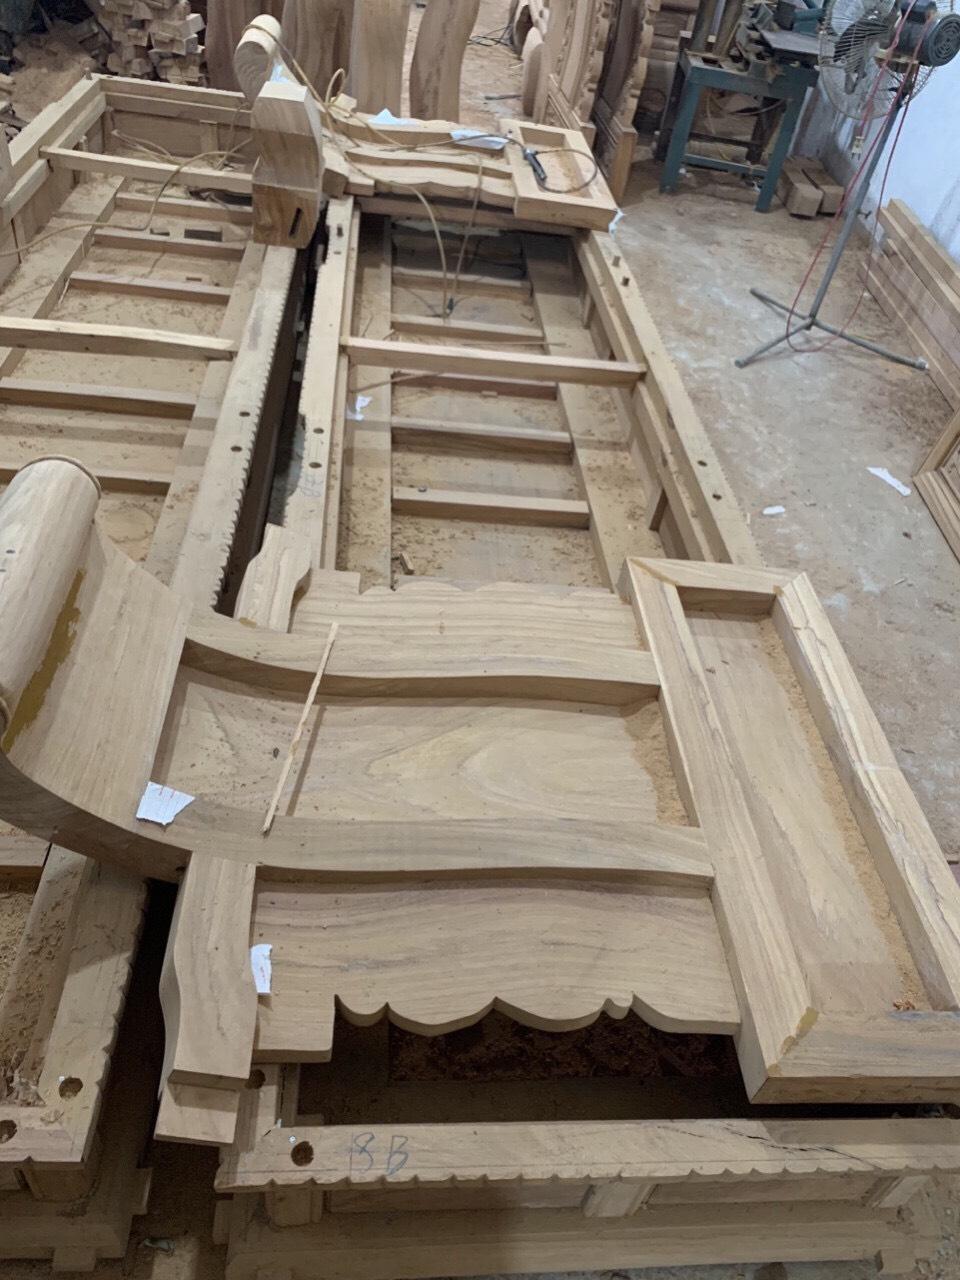 bo ghe tan - Bộ bàn ghế Tần Thủy Hoàng tay 12 gỗ gõ đỏ